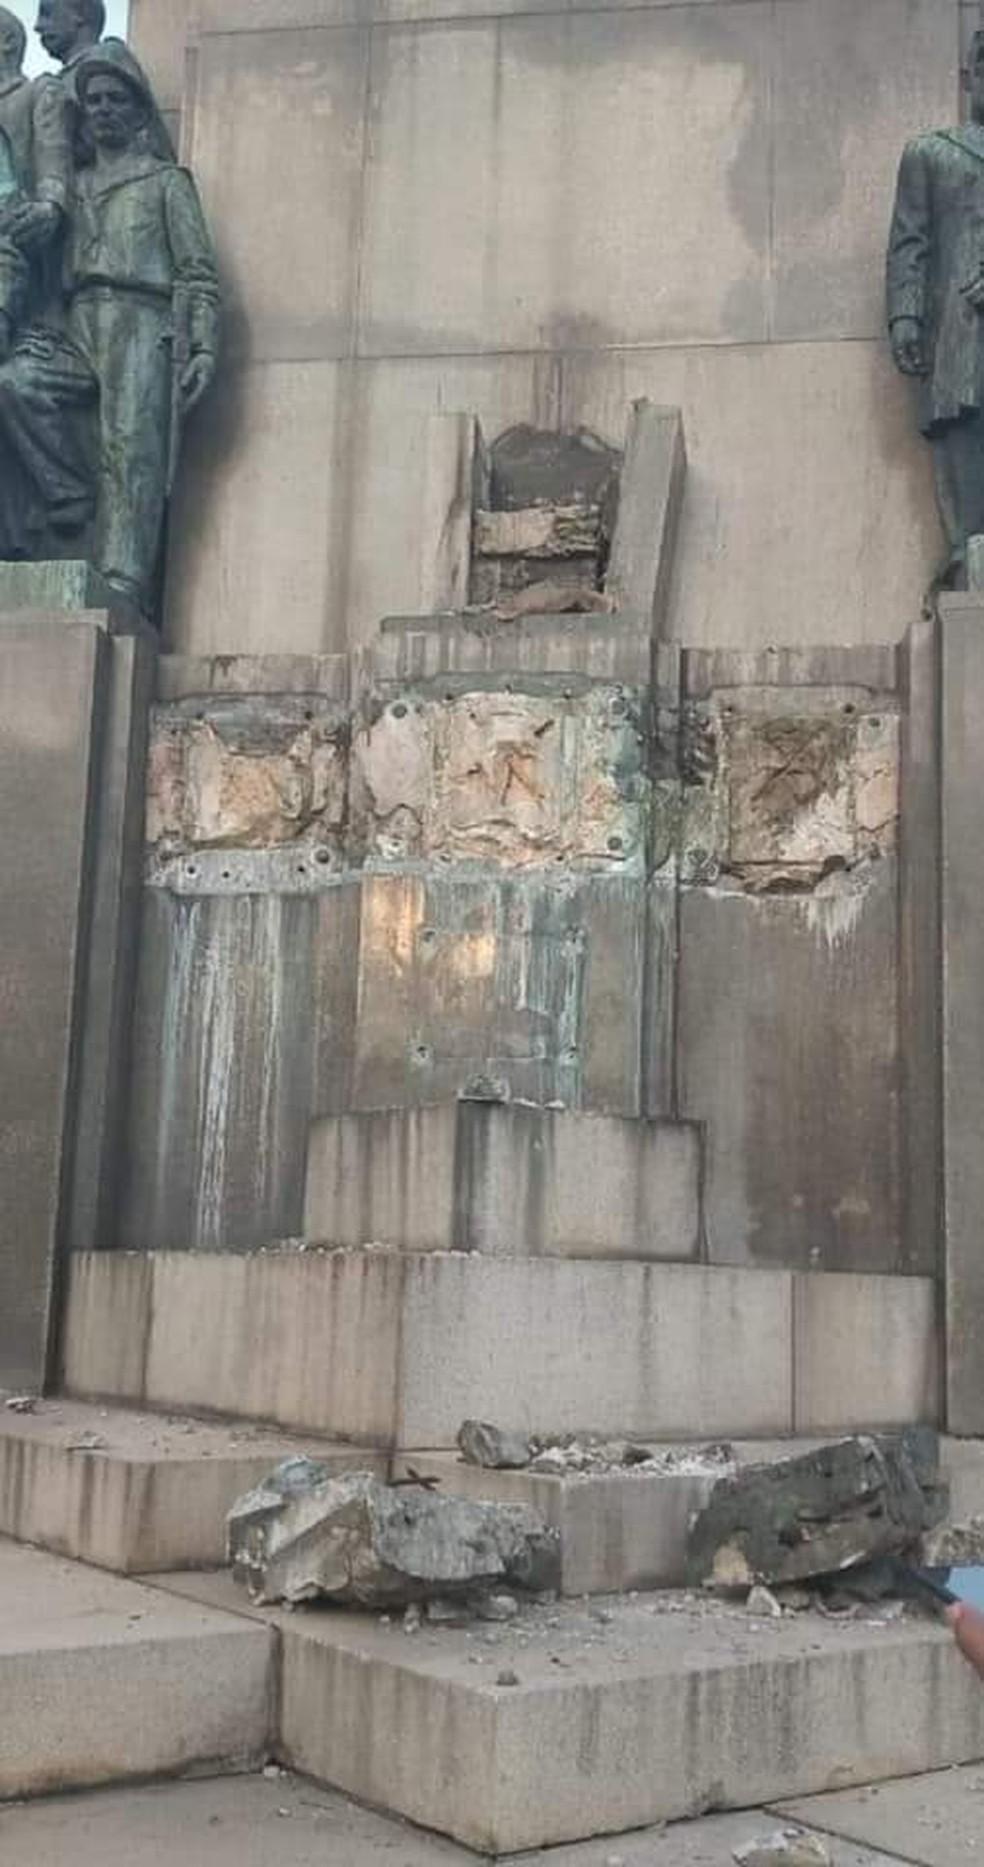 Monumento de onde foi roubada estátua representando a mãe do Marechal Deodoro, na Glória, Zona Sul do Rio — Foto: Reprodução